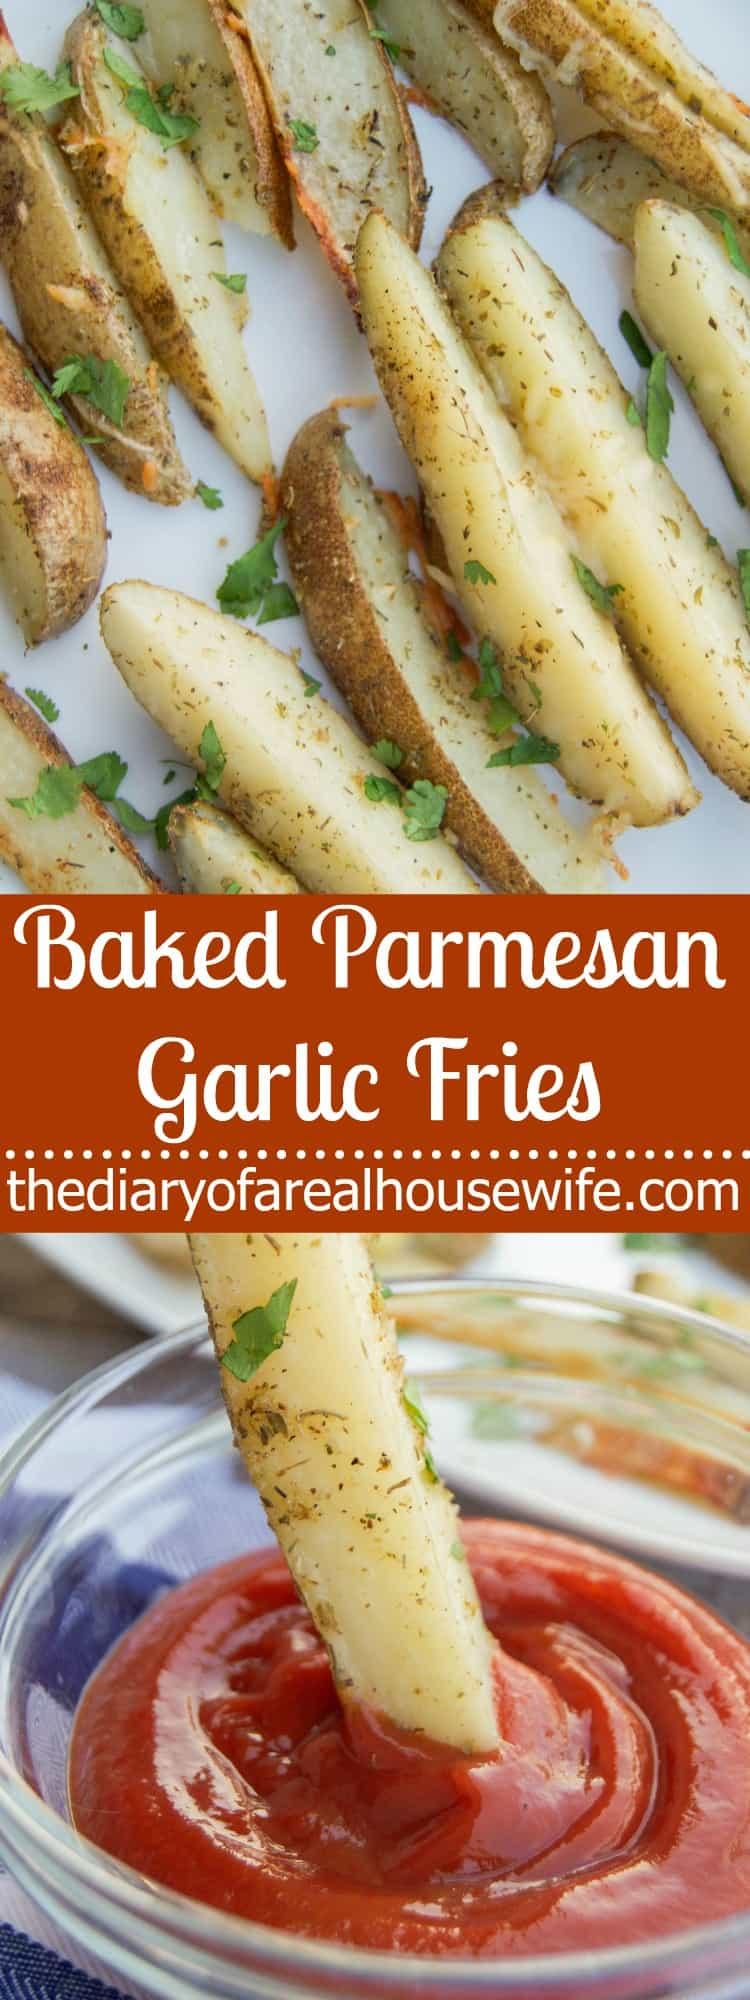 baked-parmesan-garlic-fries